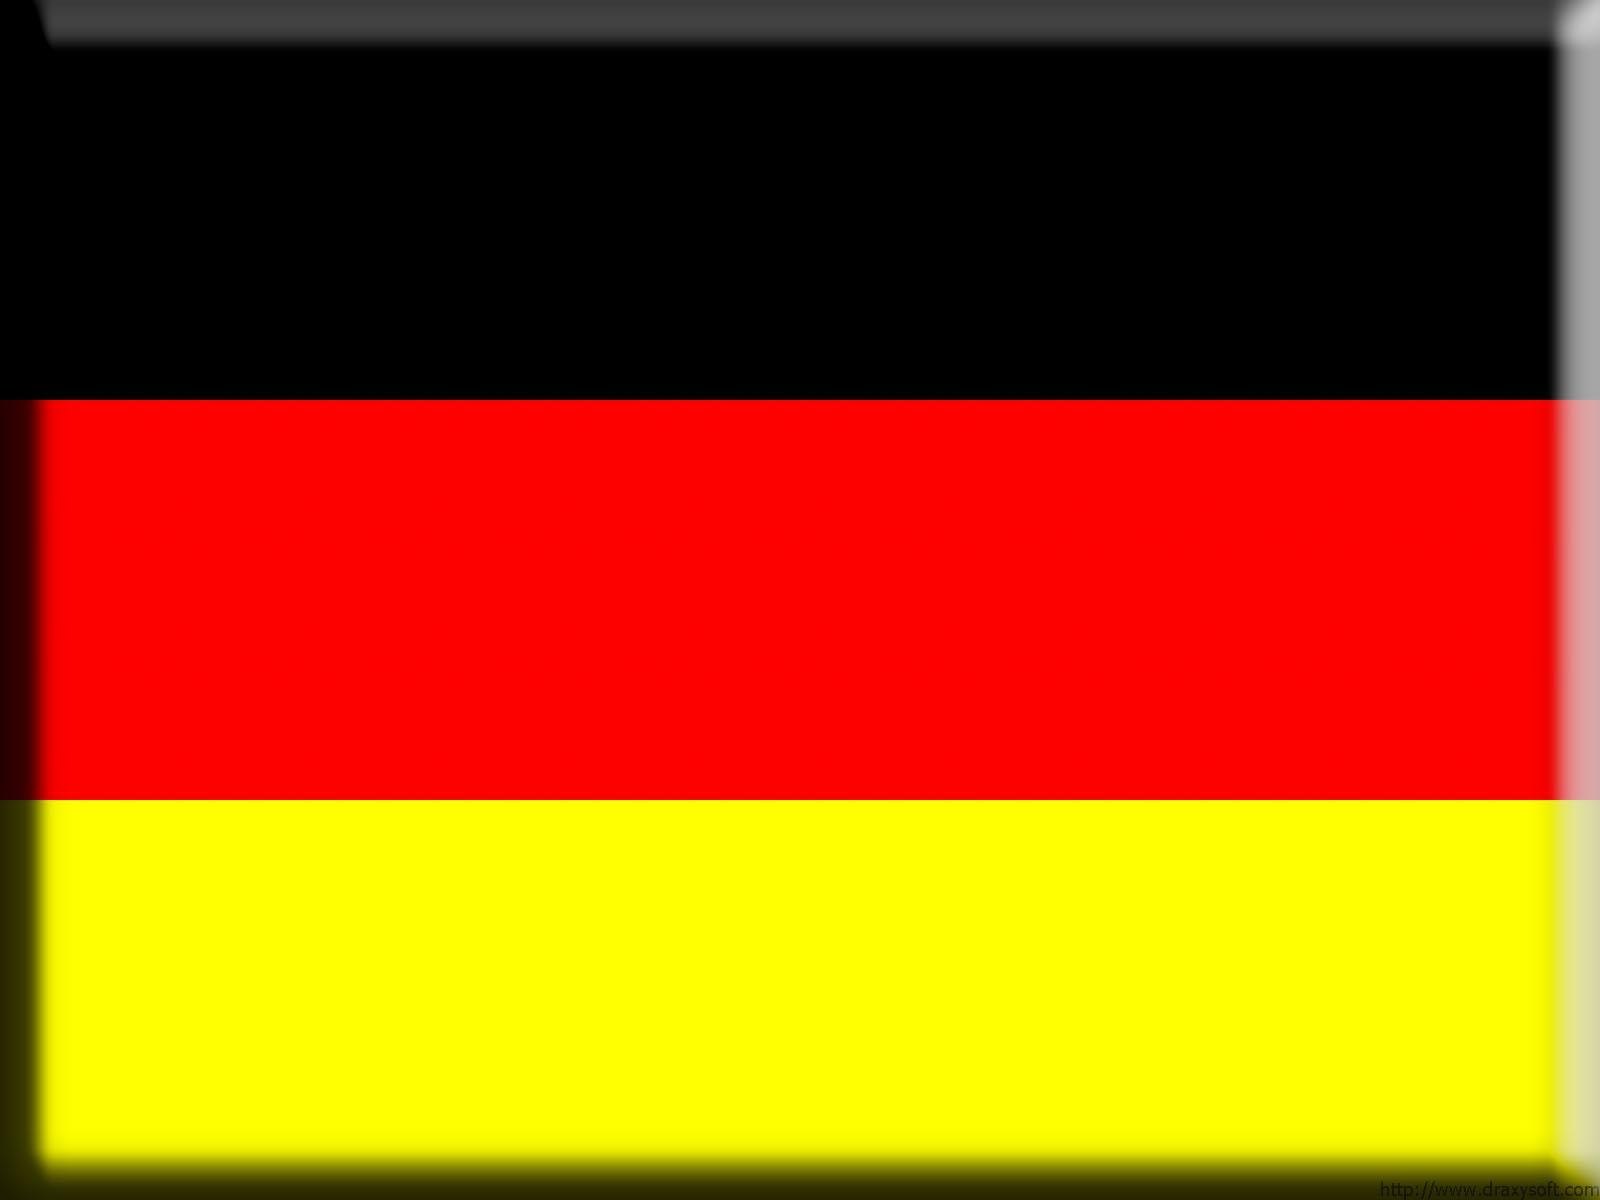 flag-german.jpg